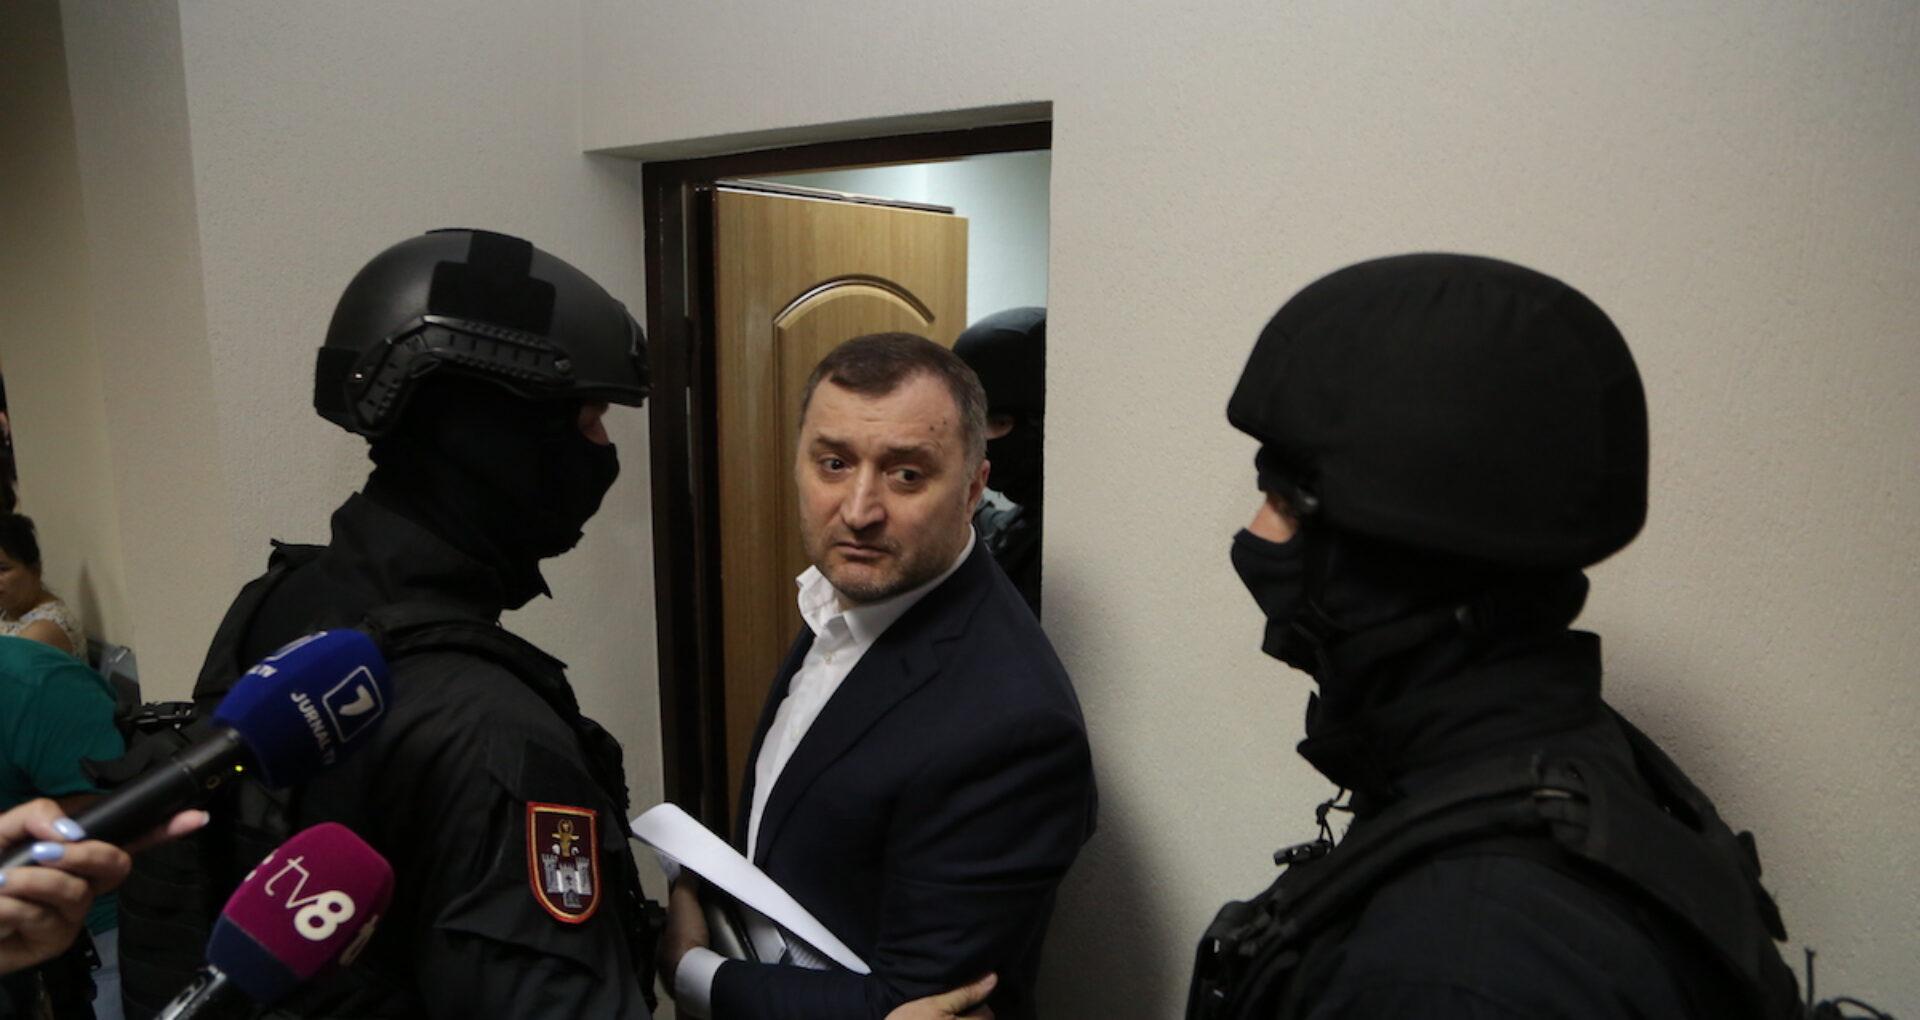 Declarația avocatului lui Filat după ce instanța a compensat condițiile proaste de detenție prin reducerea pedepsei